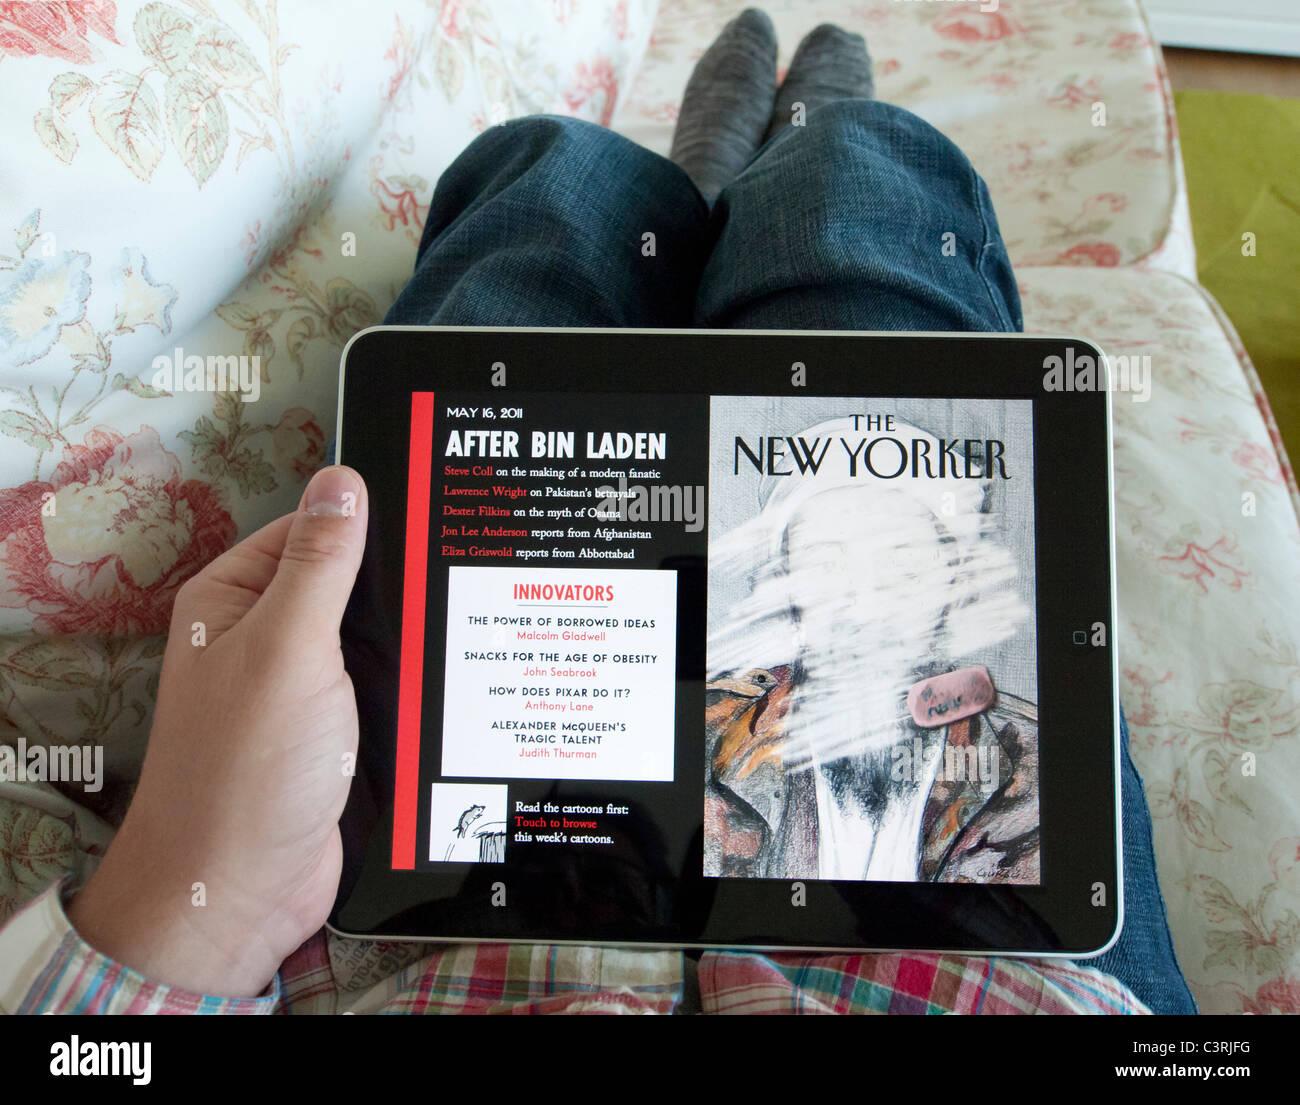 Hombre leyendo iPad versión digital de la revista New Yorker Foto de stock